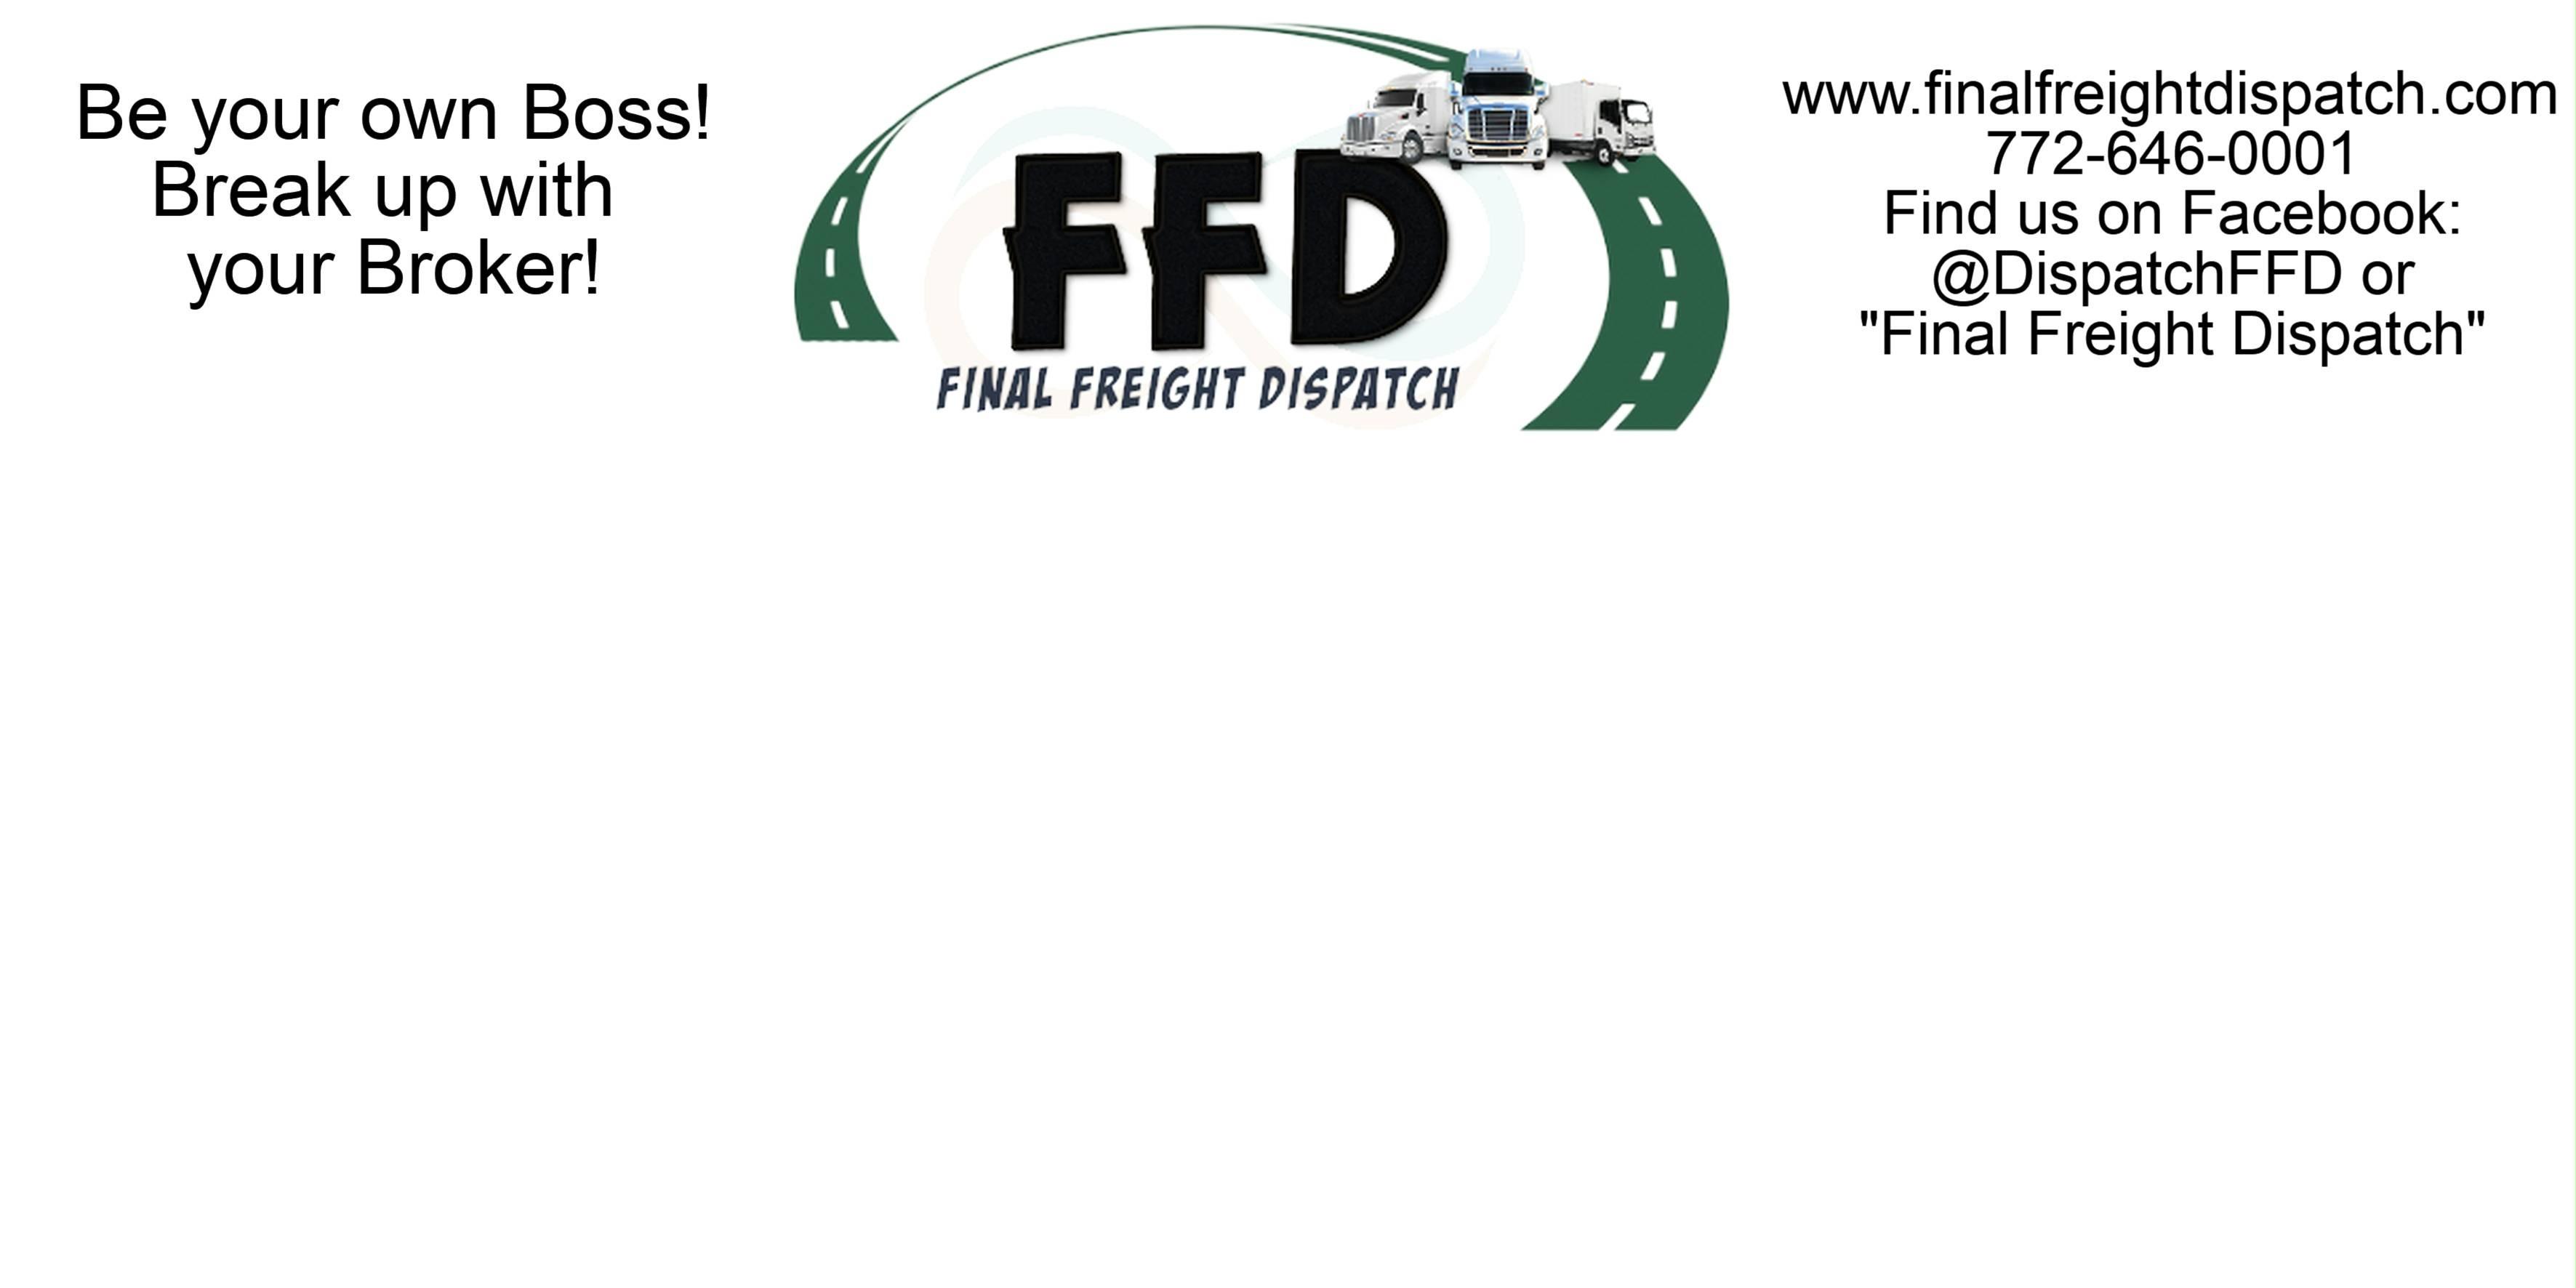 Final Freight Dispatch | LinkedIn